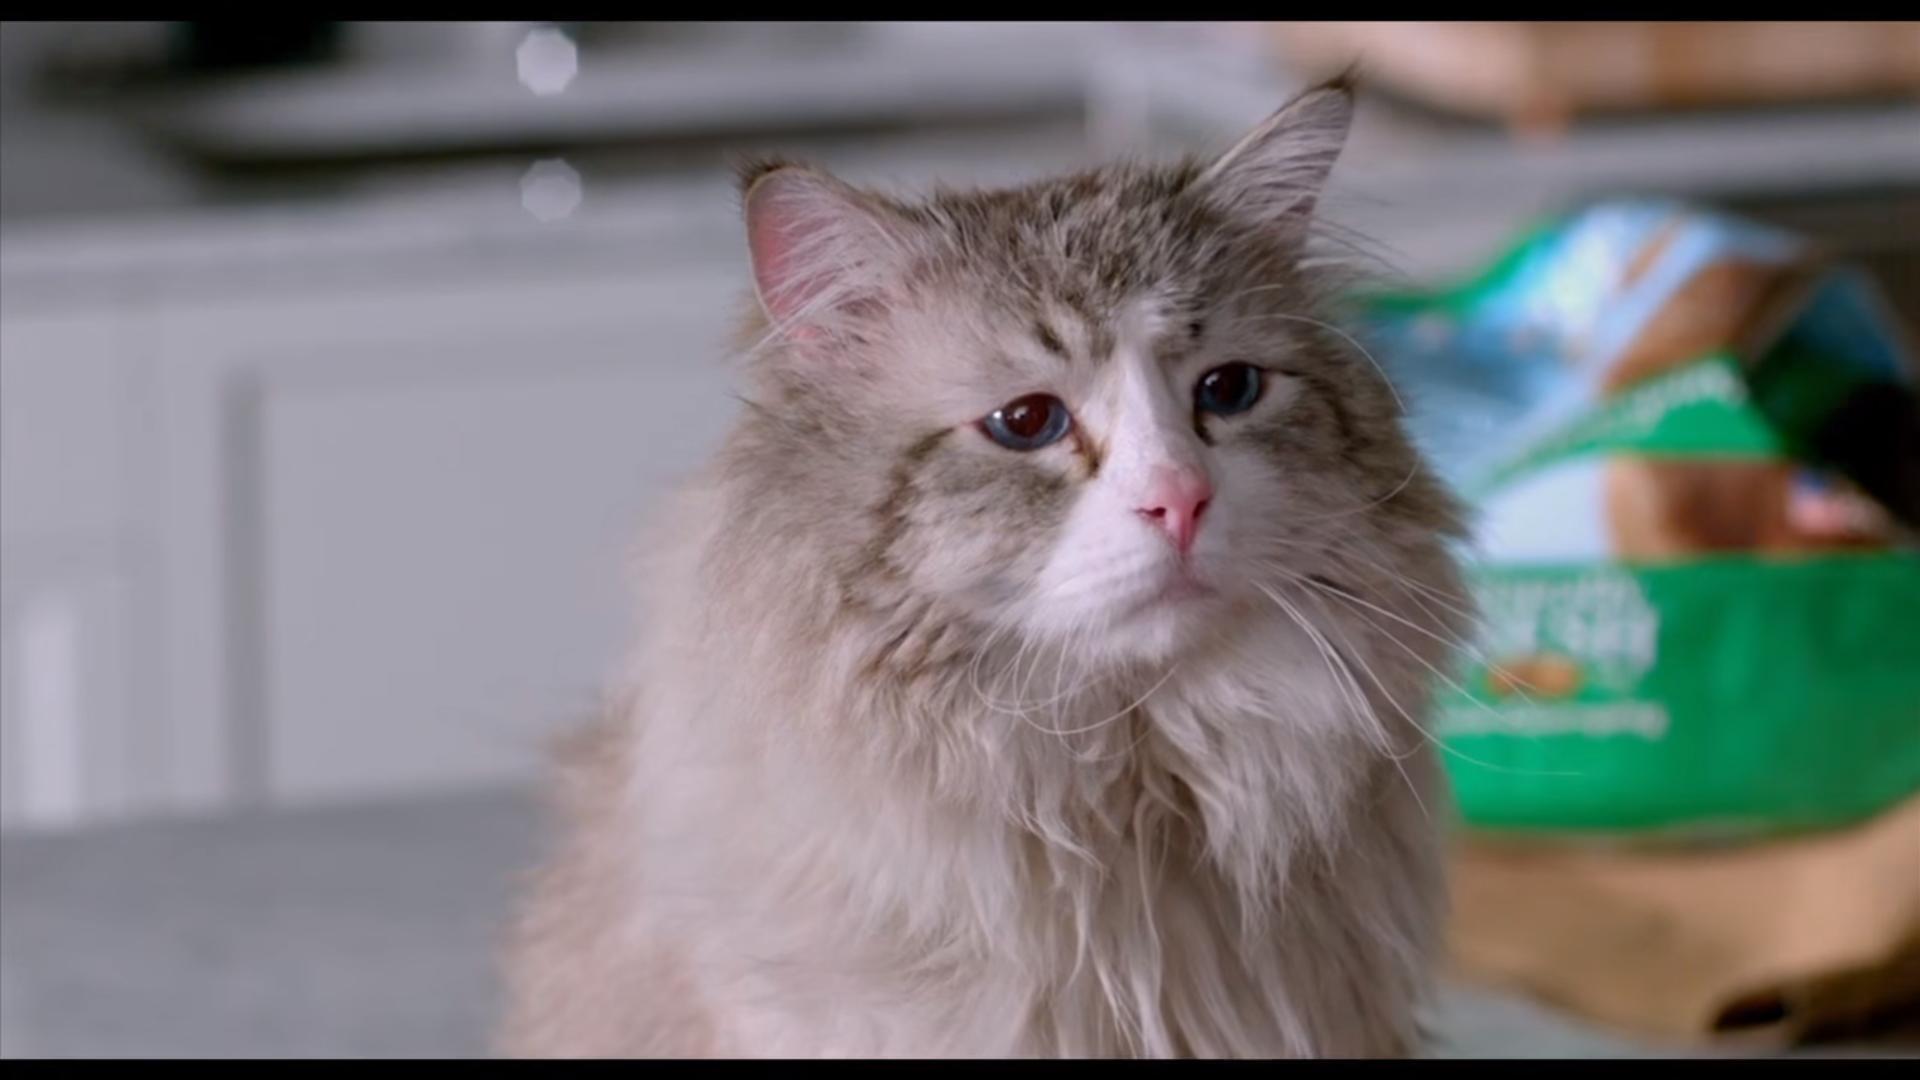 Nine lives 2016 movie : Murder in the first 2014 online subtitrat